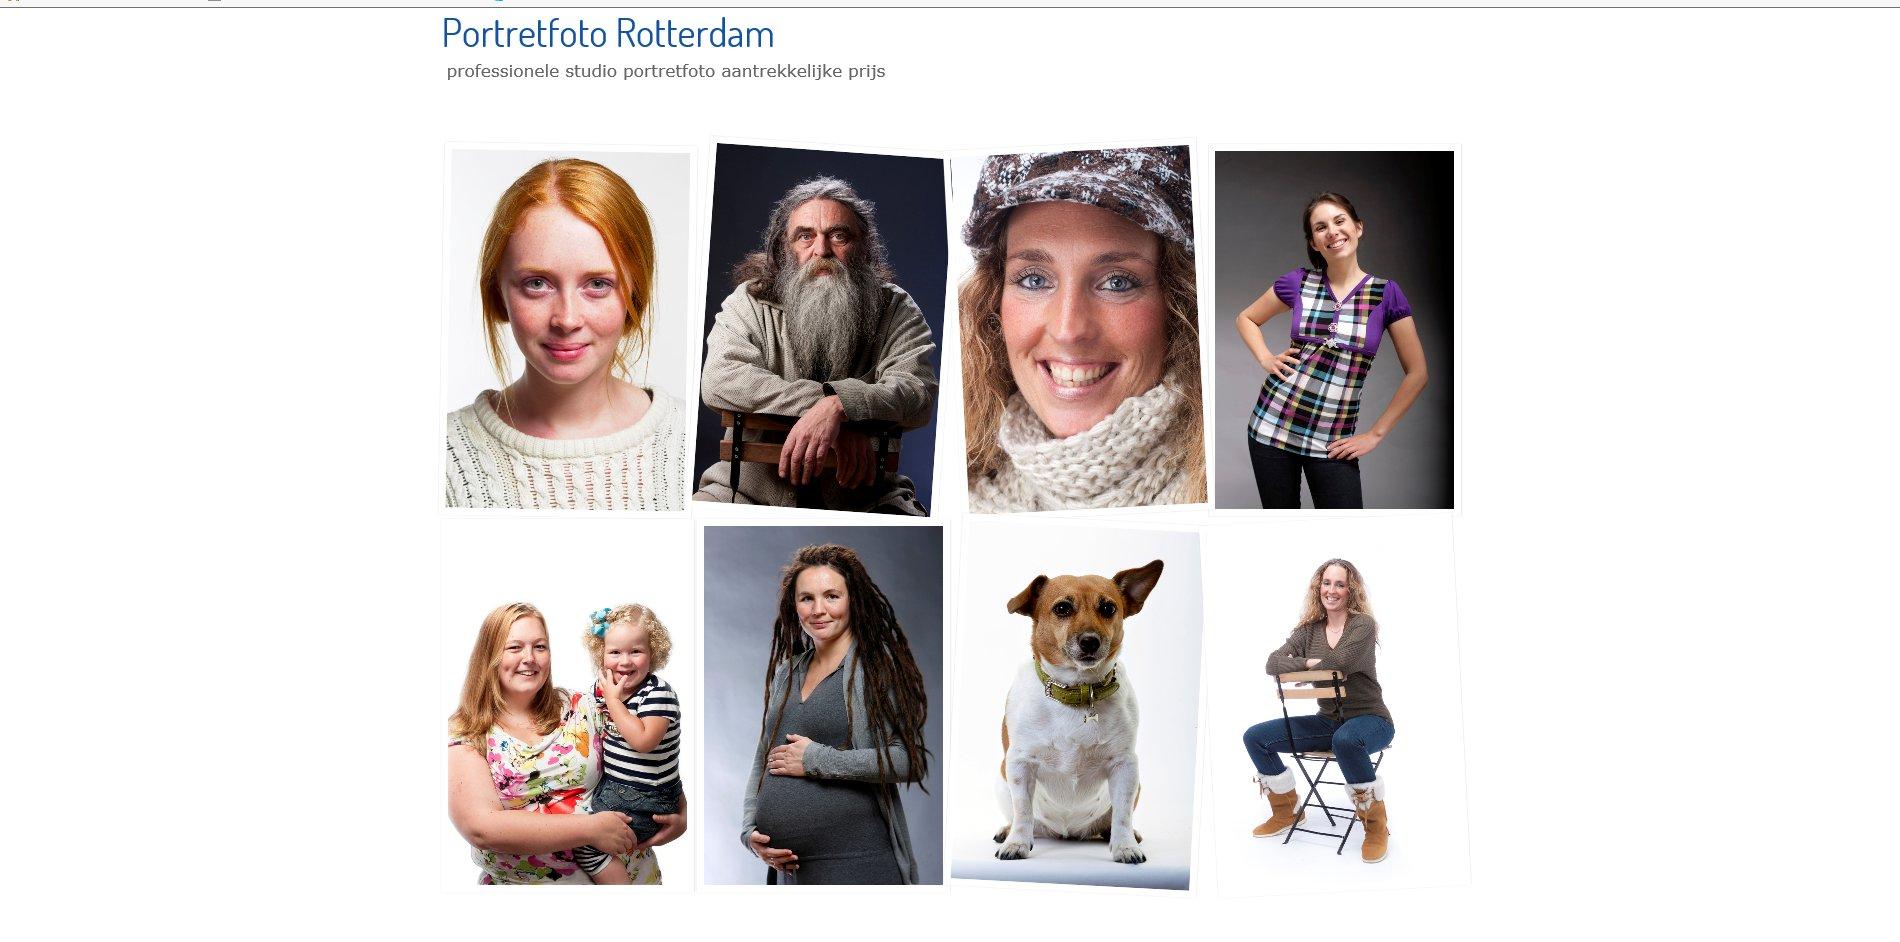 Portretfoto Rotterdam